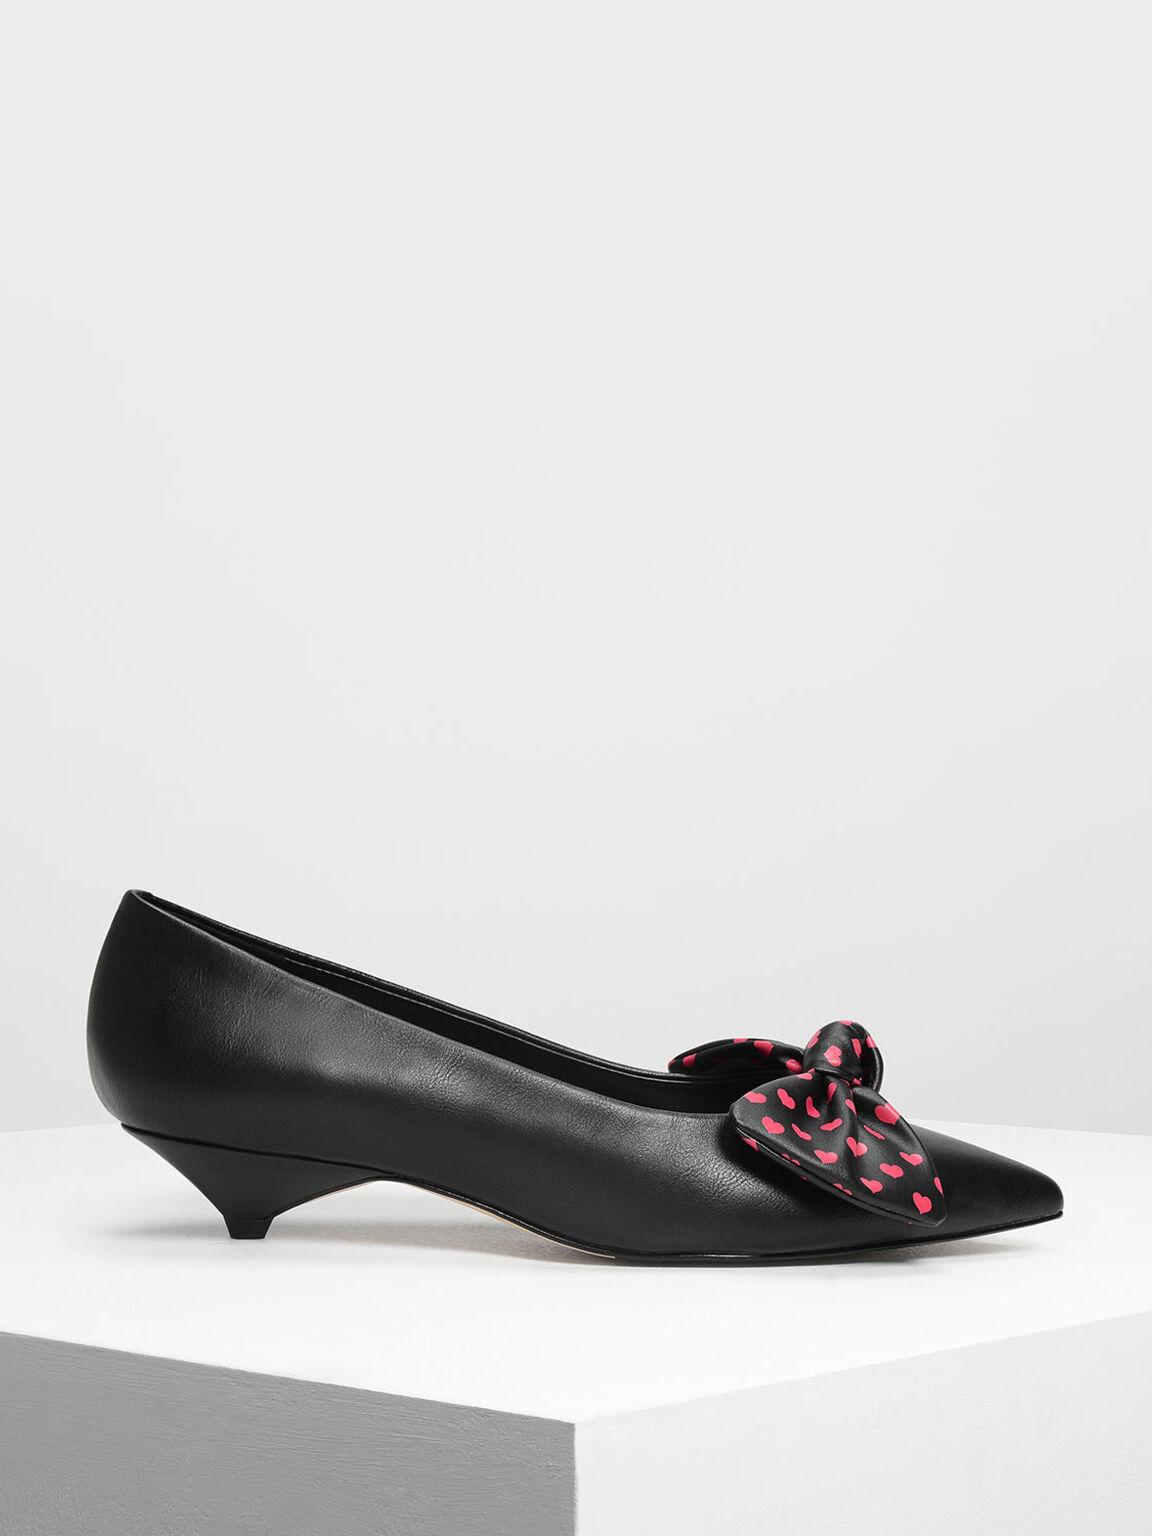 Printed Bow Kitten Heels, Black, hi-res